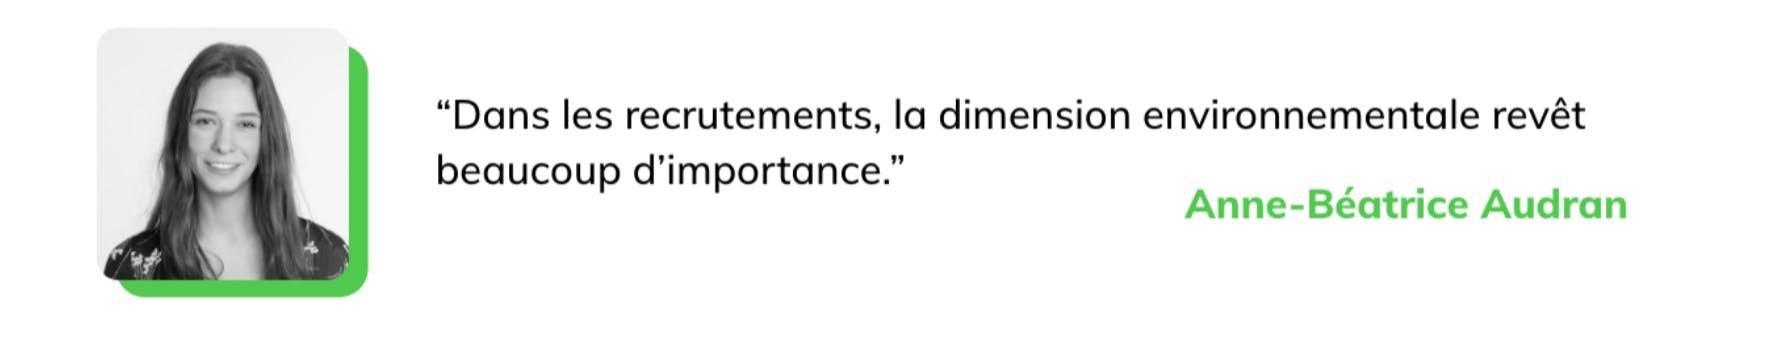 """""""dans les recrutements la dimension environnementale revet beaucoup d'importance"""""""